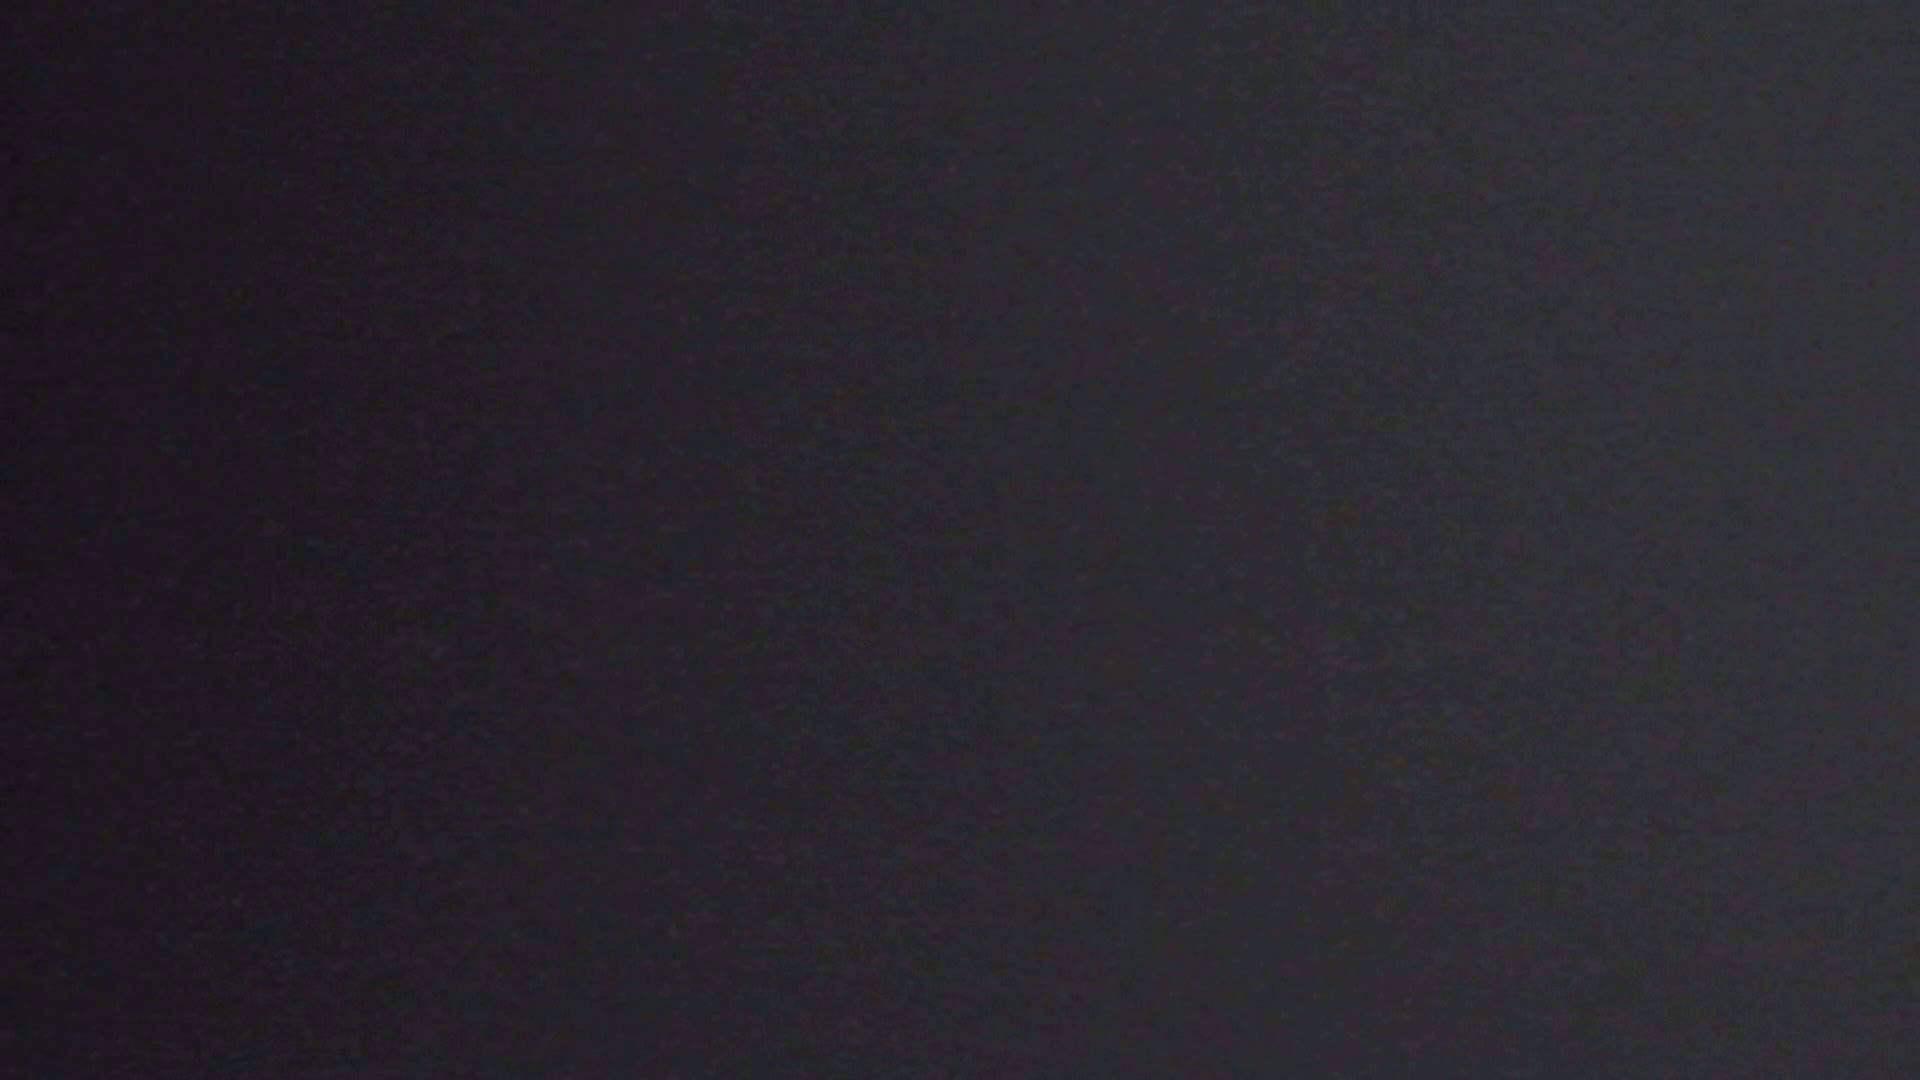 無修正エロ動画|世界の射窓から ステーション編 vol.9|怪盗ジョーカー